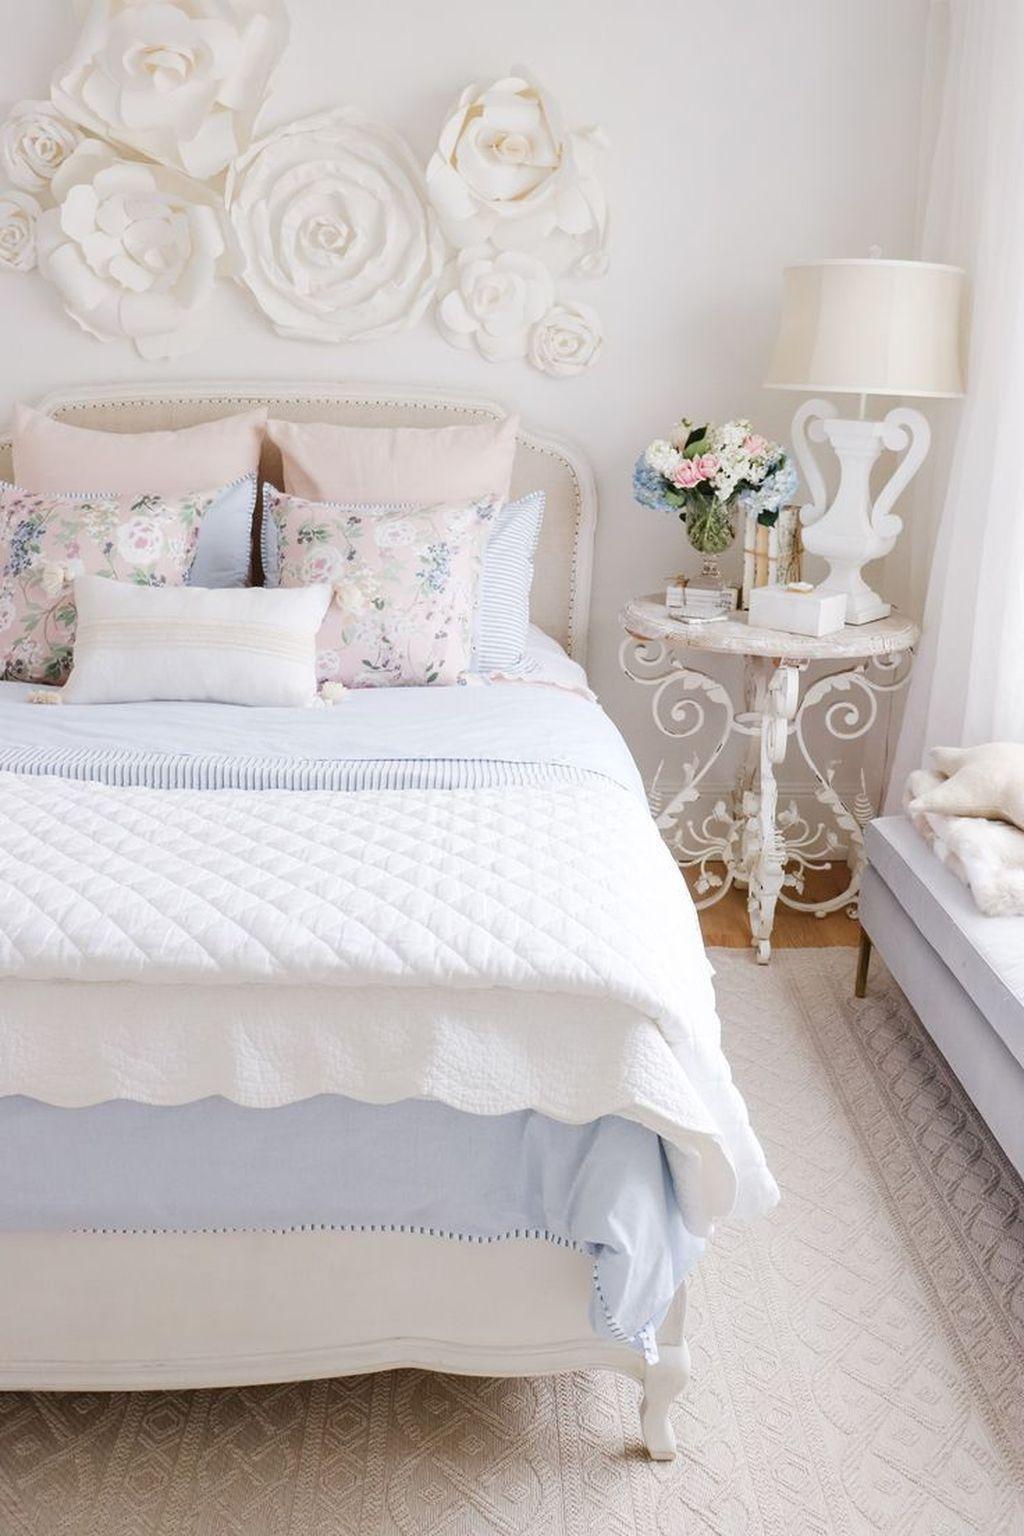 bedroom decor edmonton #bedroom decor ideas diy #bedroom decor